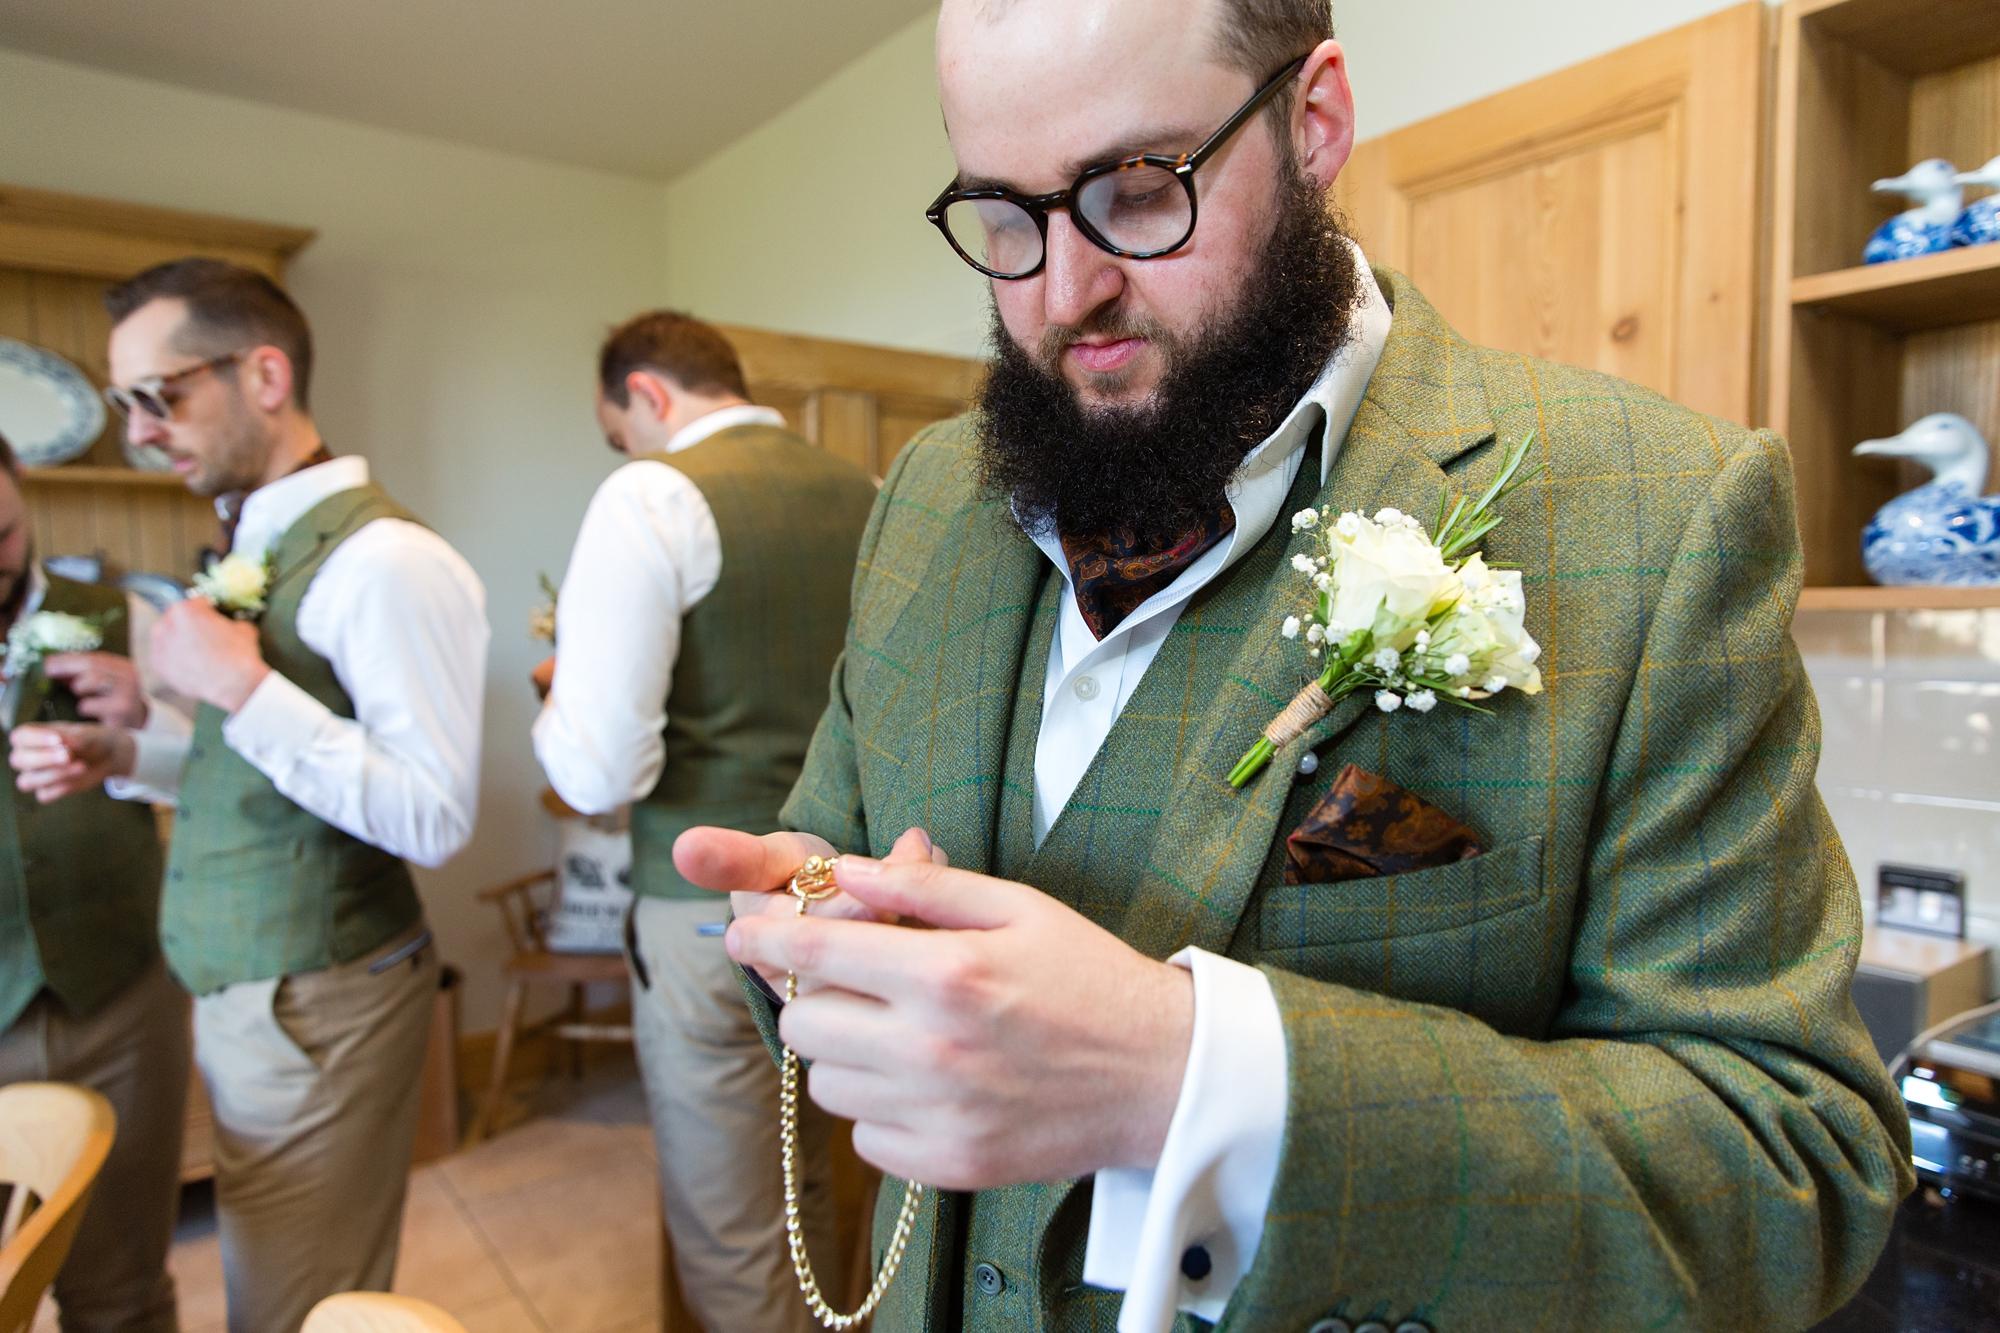 York Wedding Photography at Barmbyfield Barns groom looking at pocket watch gift